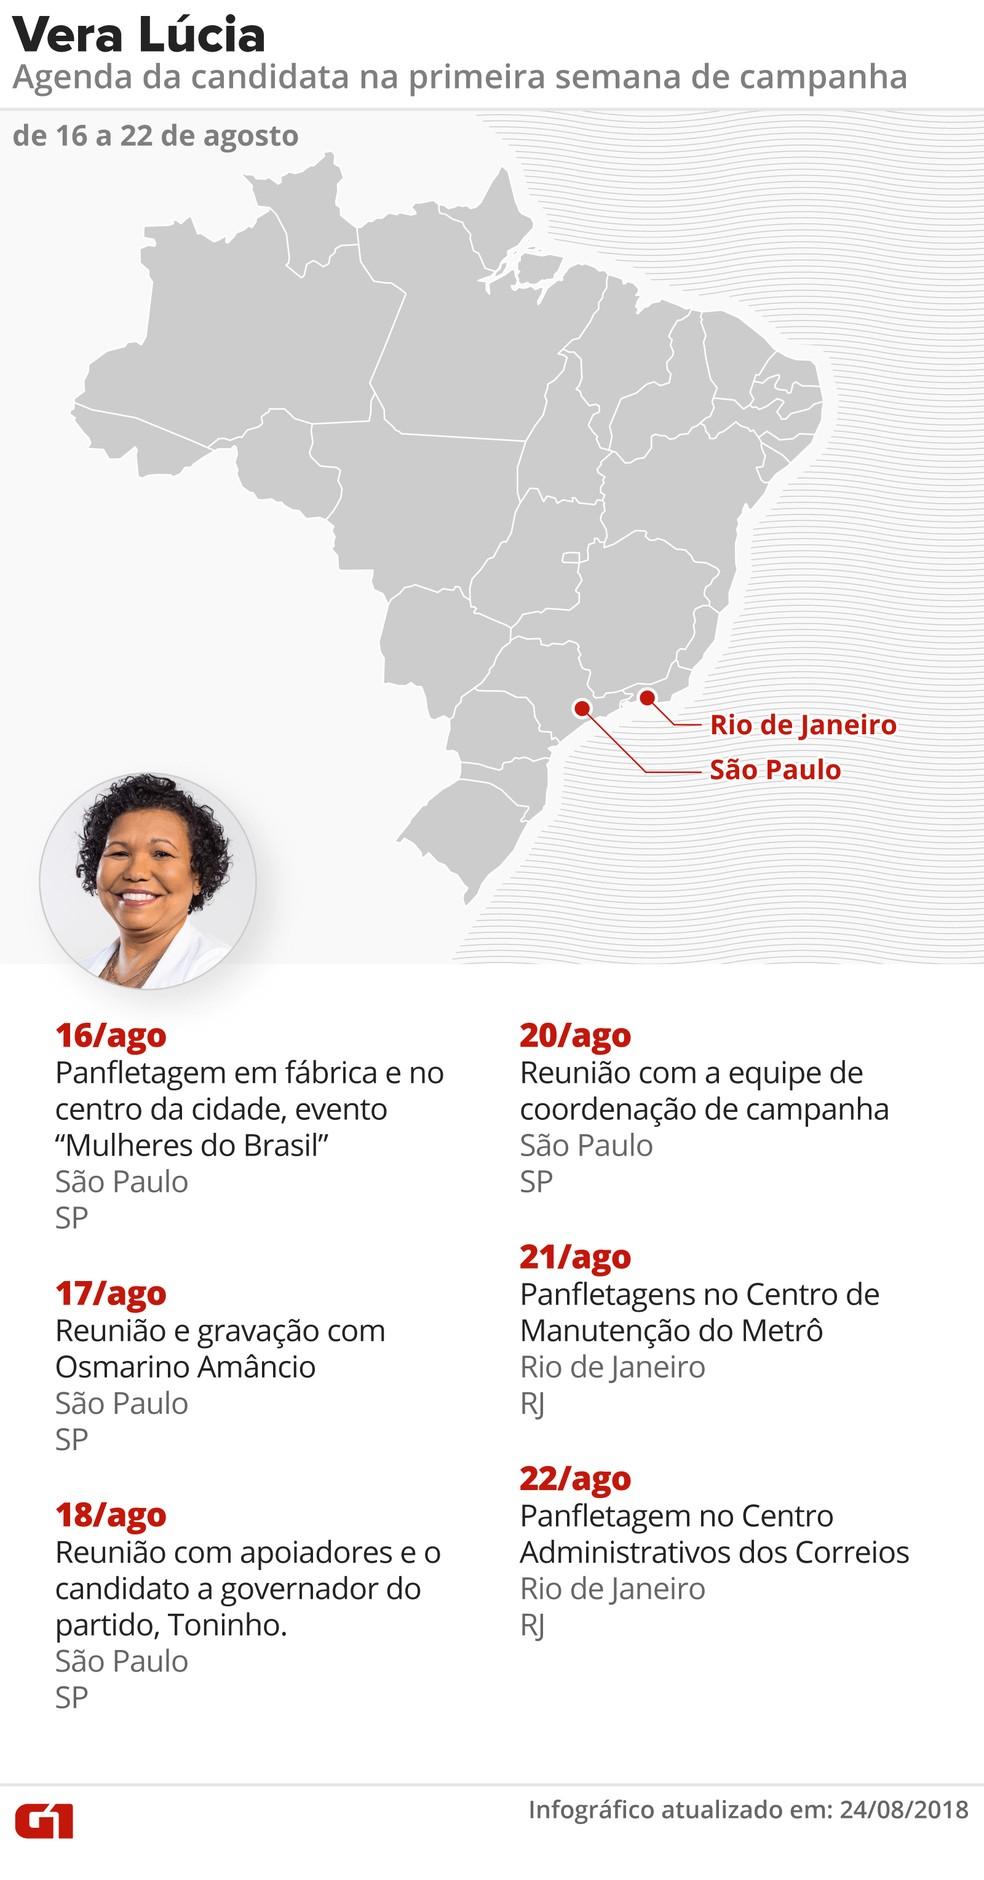 Agenda de Vera Lúcia (PSTU) na primeira semana de campanha presidencial (Foto: Alexandre Mauro, Roberta Jaworski, Igor Estrella e Juliane Souza/G1)